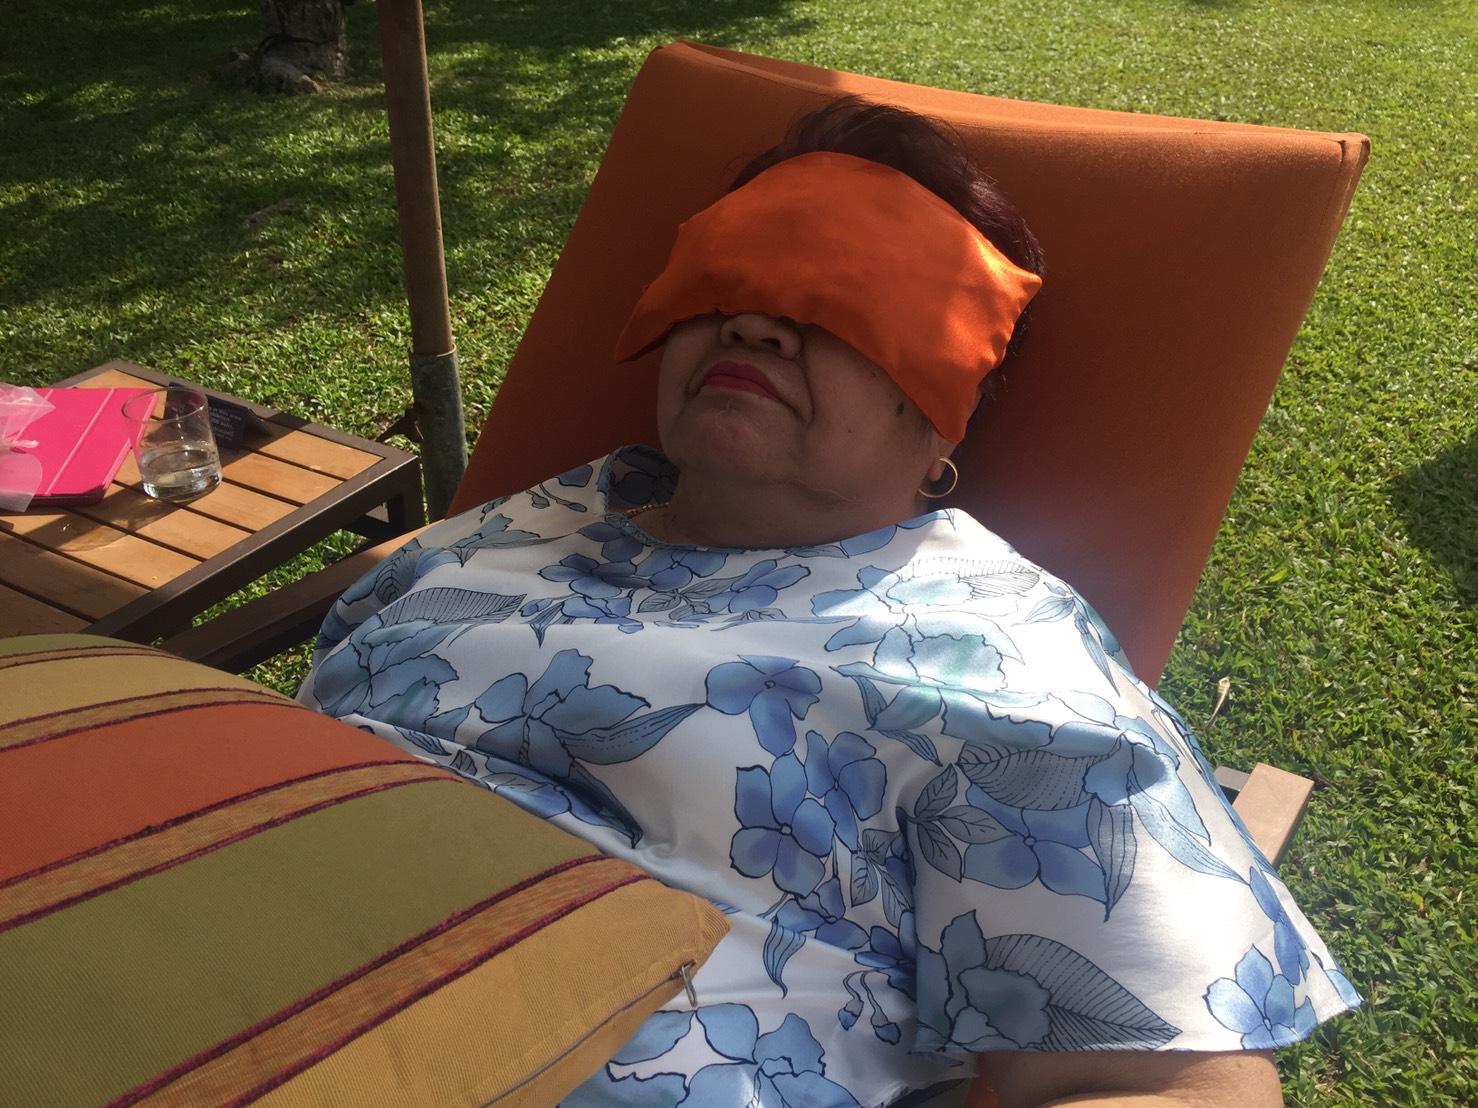 ประคบร้อนและเย็นด้วยสมุนไพร ช่วยคลายเครียด แก้ปวดหัวข้างเดียว ปวดหัวไมเกรน ไซนัส